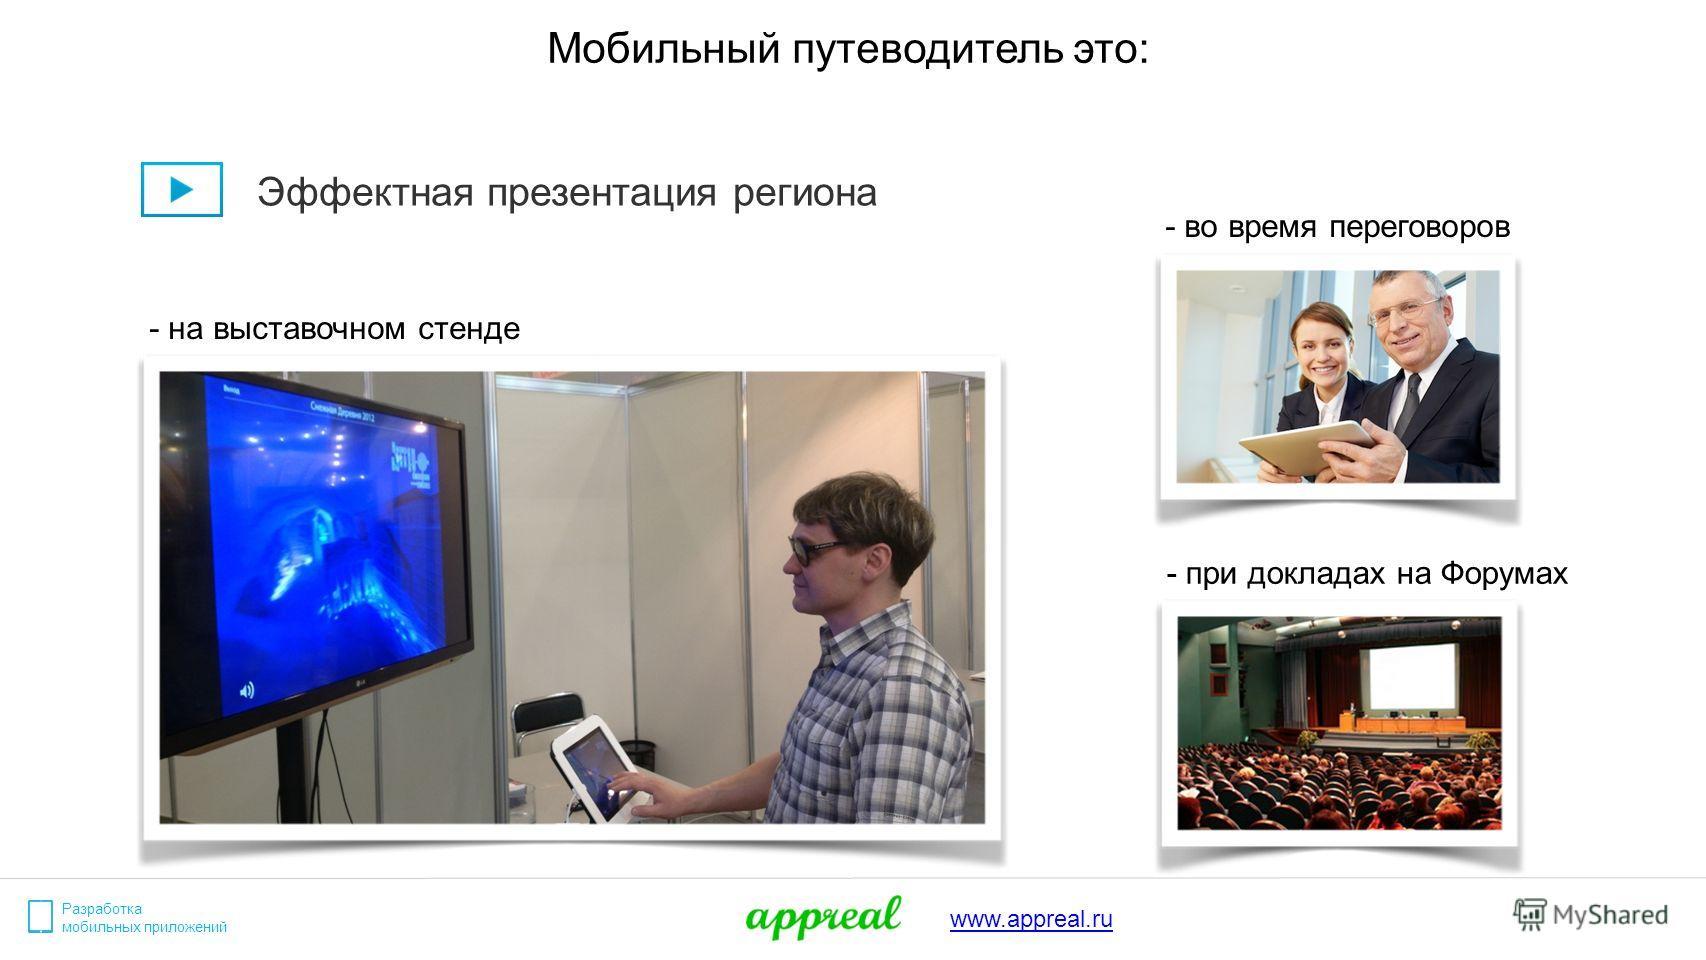 Разработка мобильных приложений www.appreal.ru Мобильный путеводитель это: Эффектная презентация региона - на выставочном стенде - при докладах на Форумах - во время переговоров